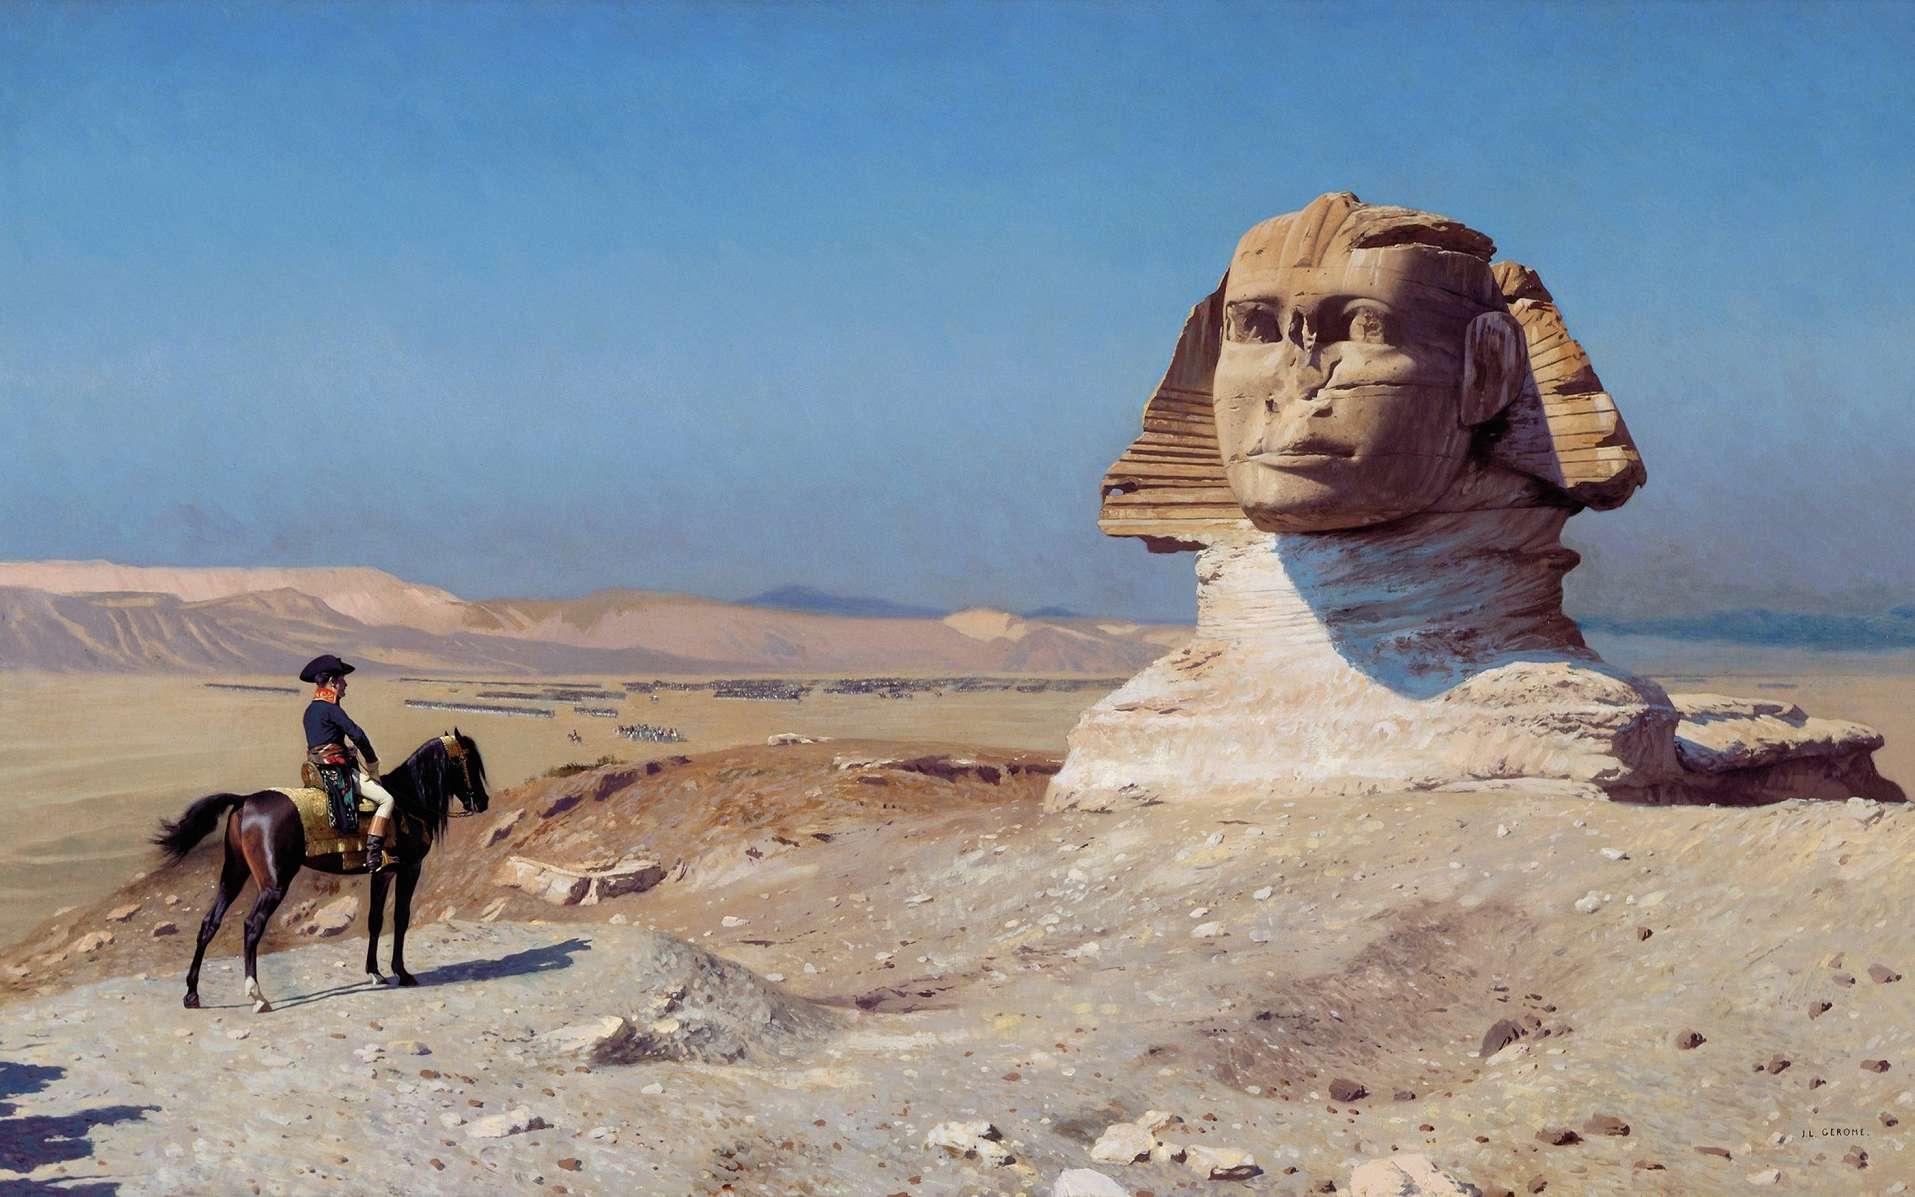 Le général Bonaparte devant le Sphinx, par Jean Léon Gérôme en 1886 ; collection Hearst Castle, Californie, USA. © Wikimedia Commons, domaine public.